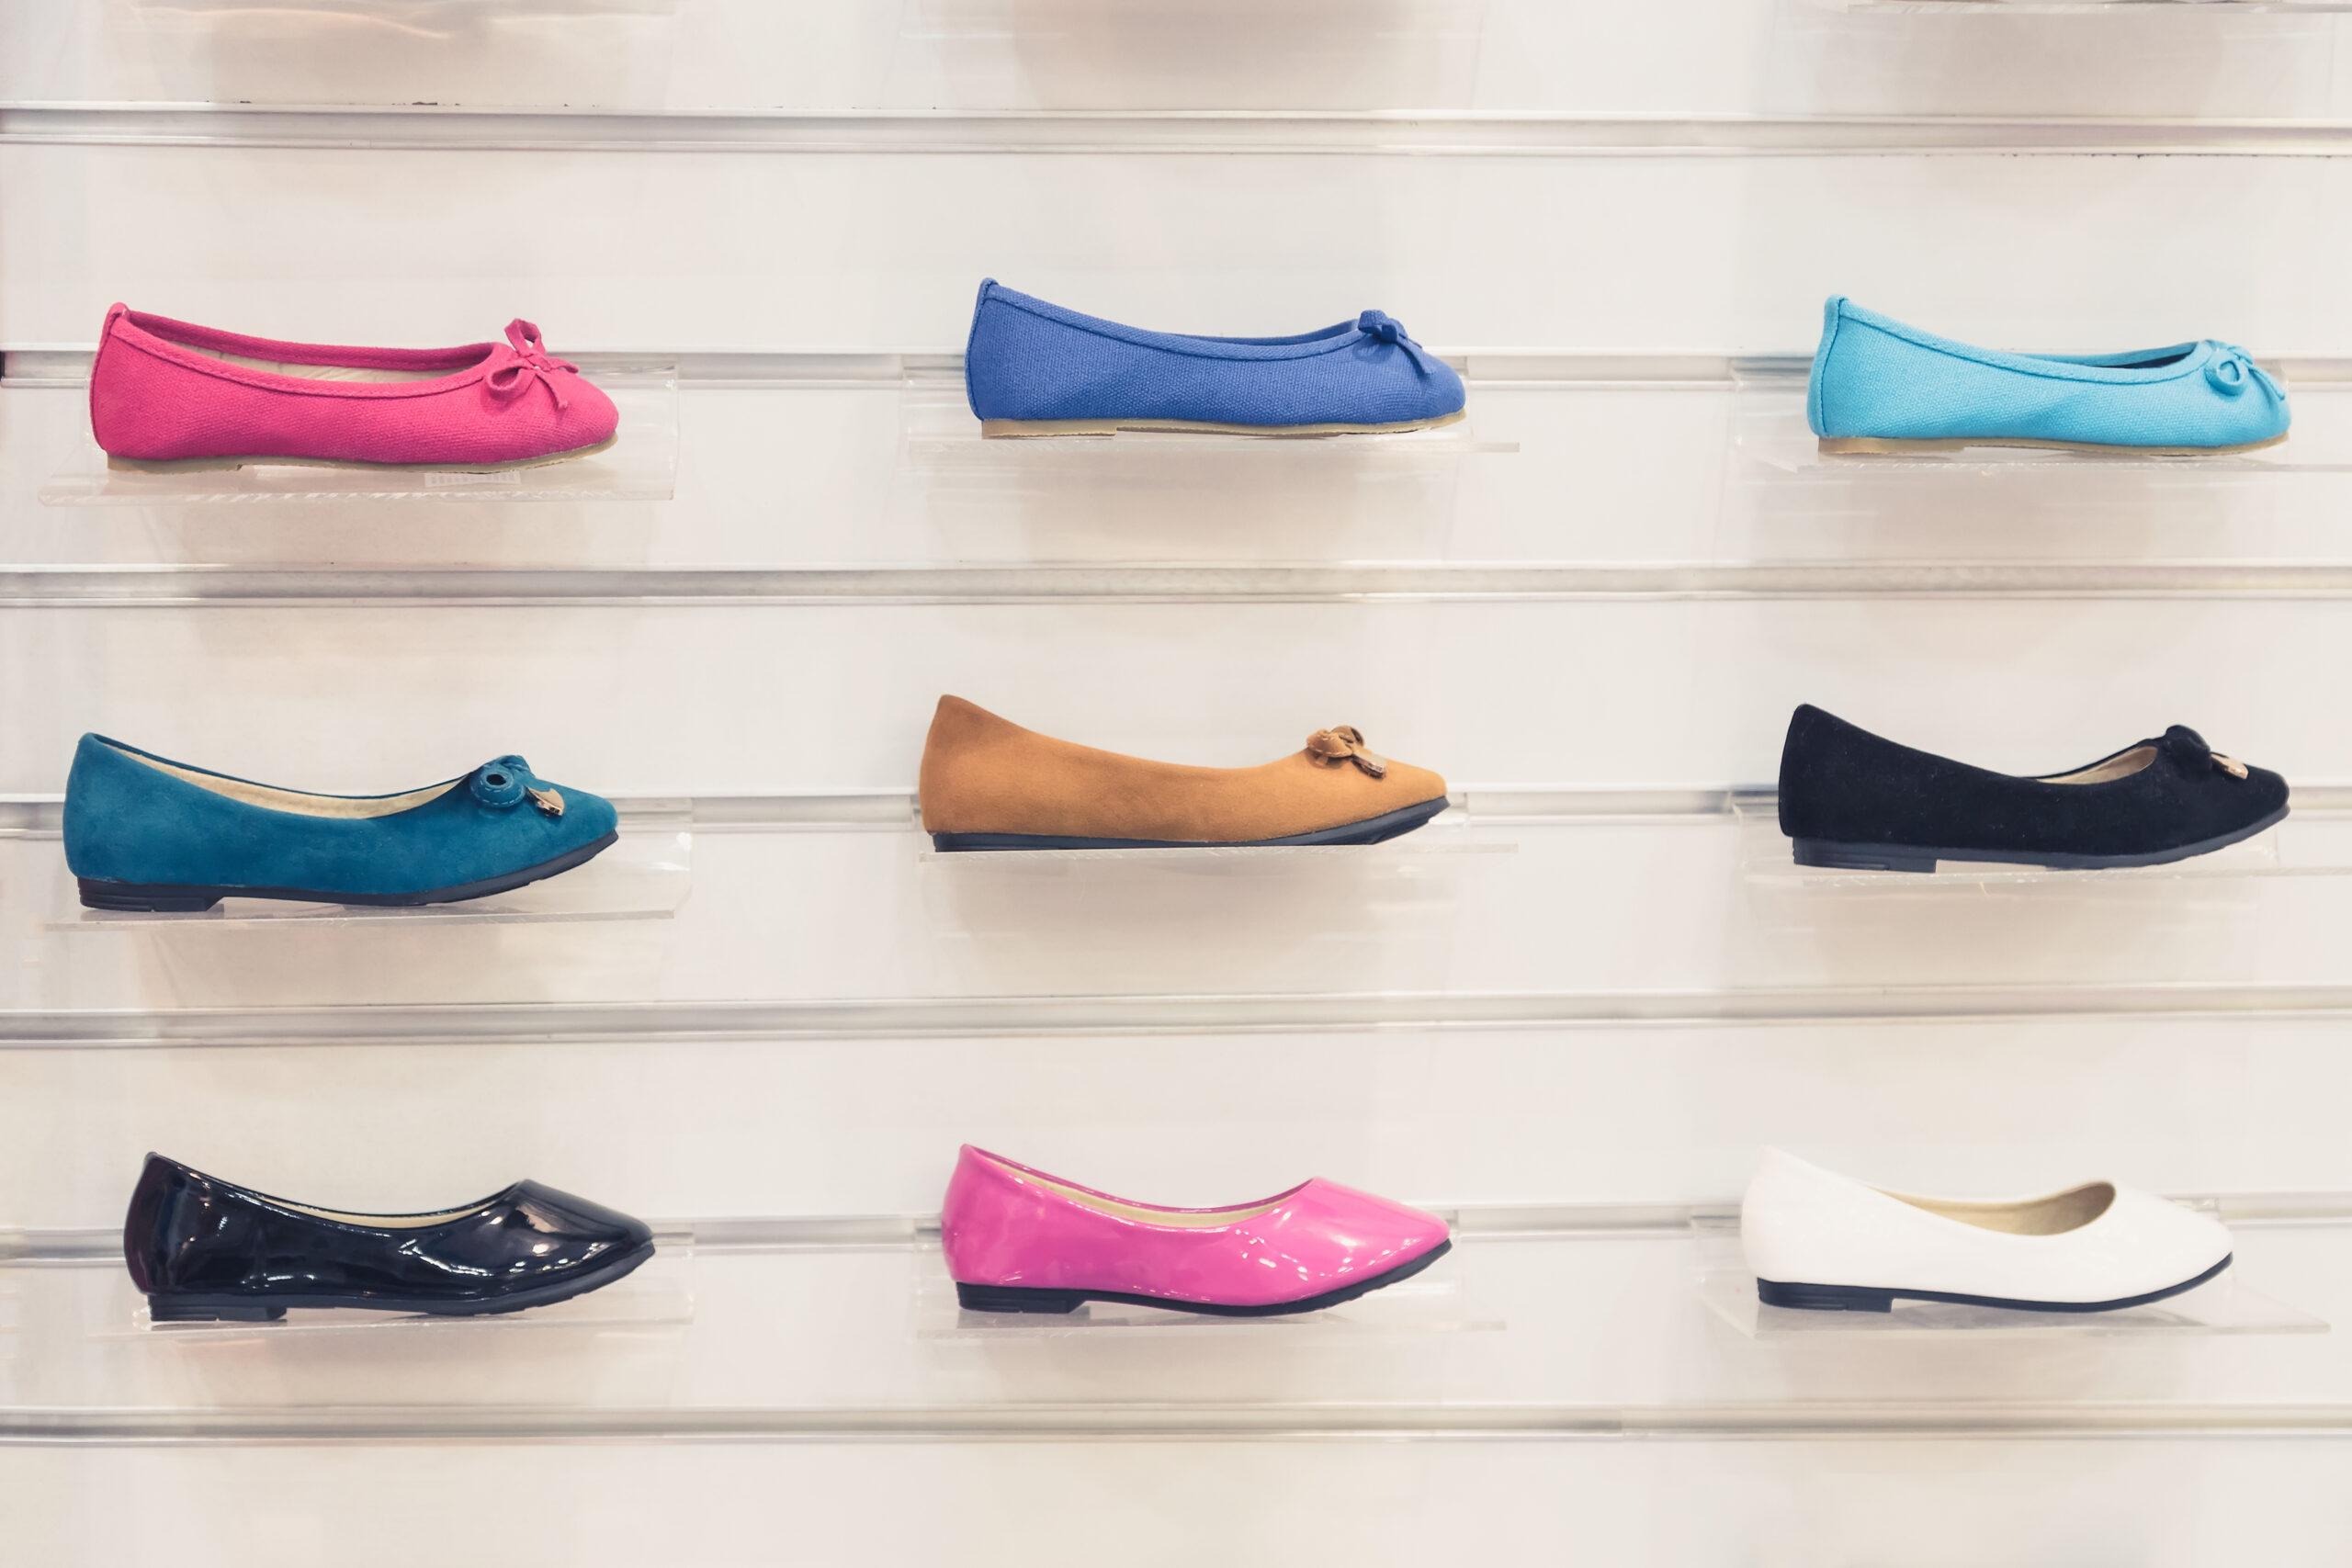 ②やわらかい靴底のフラットシューズを選んでしまう